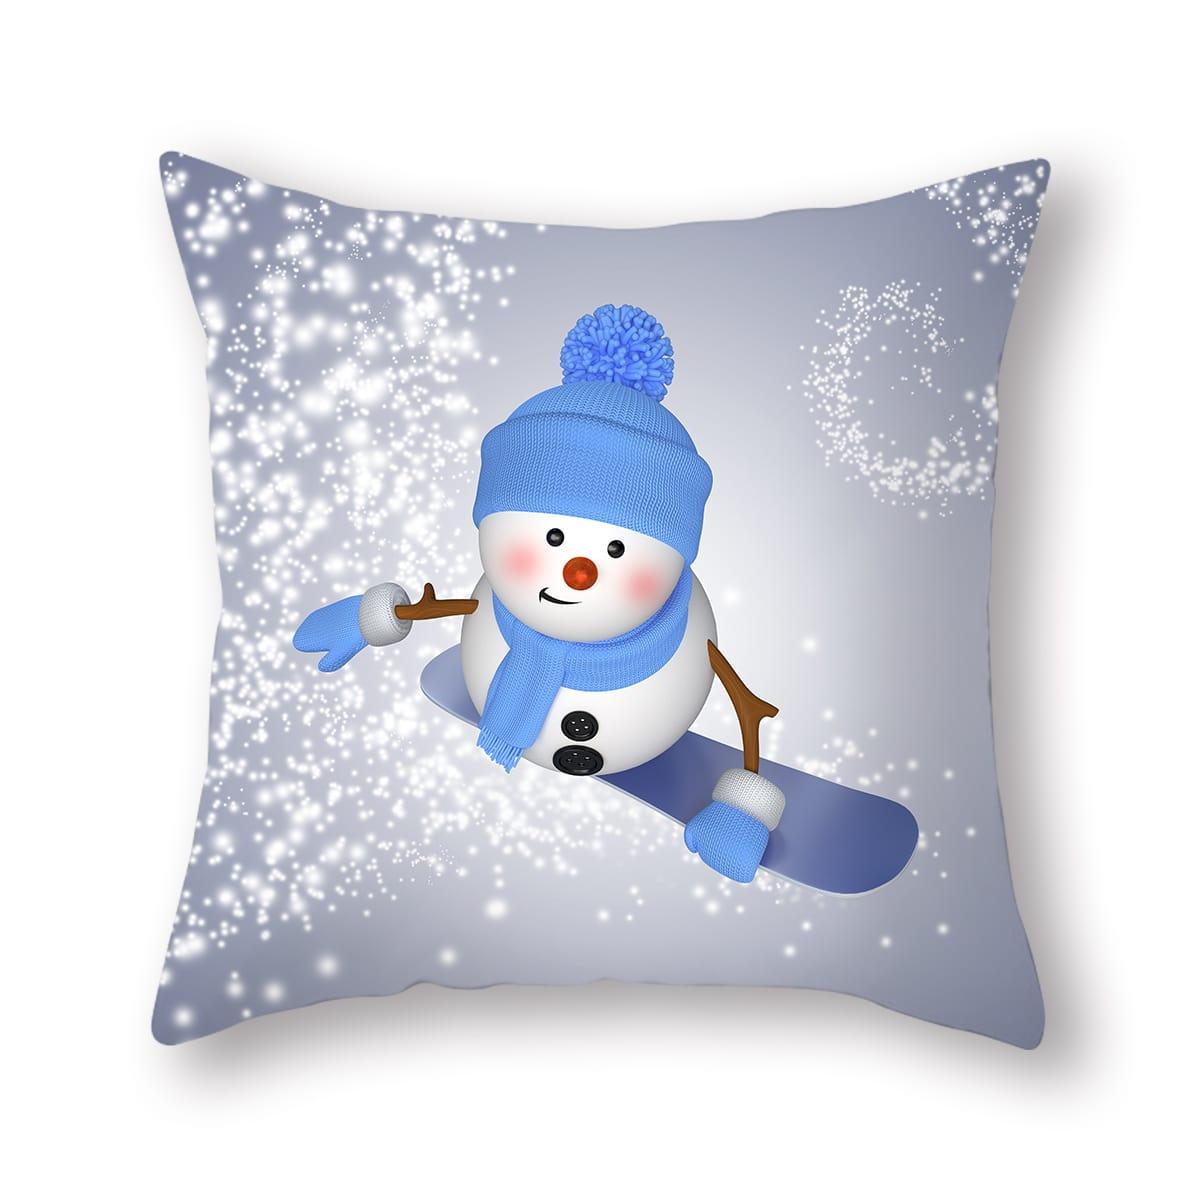 Чехол для подушки без наполнителя рождественский снеговик принтом